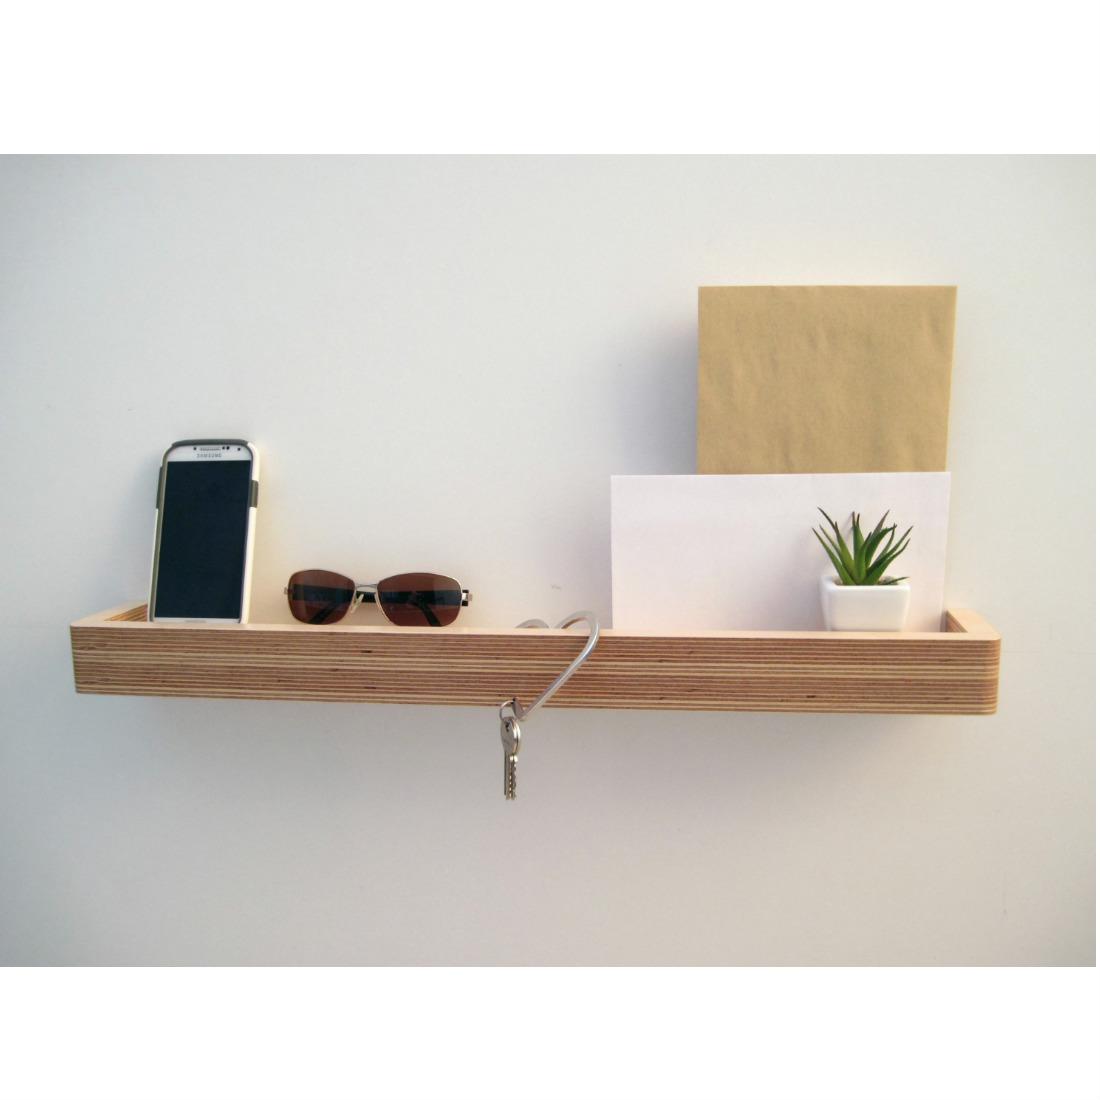 Birch Bedroom Furniture Slimline Floating Shelf Homeware Furniture And Gifts